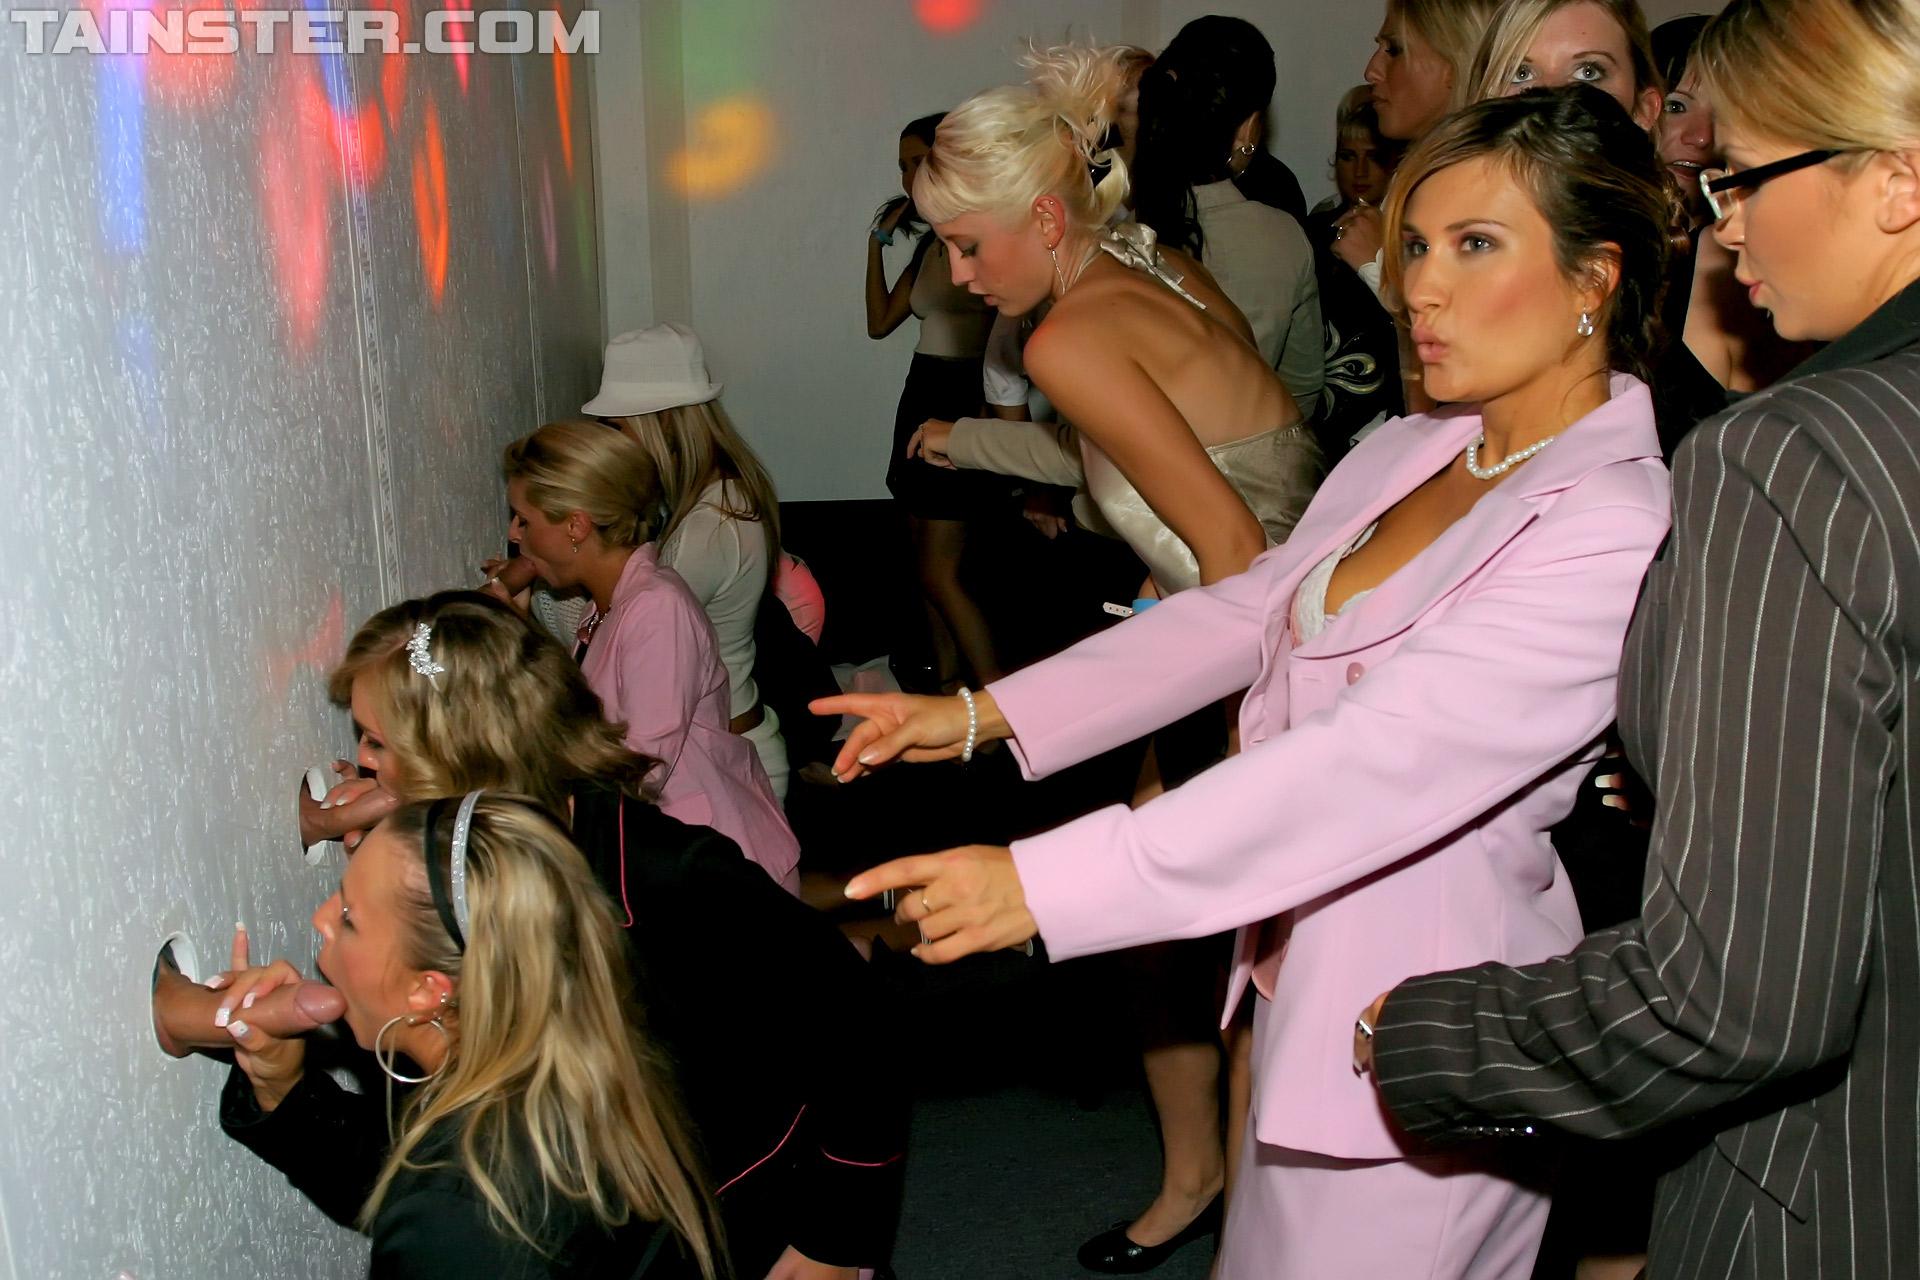 Blowjob Auf Party